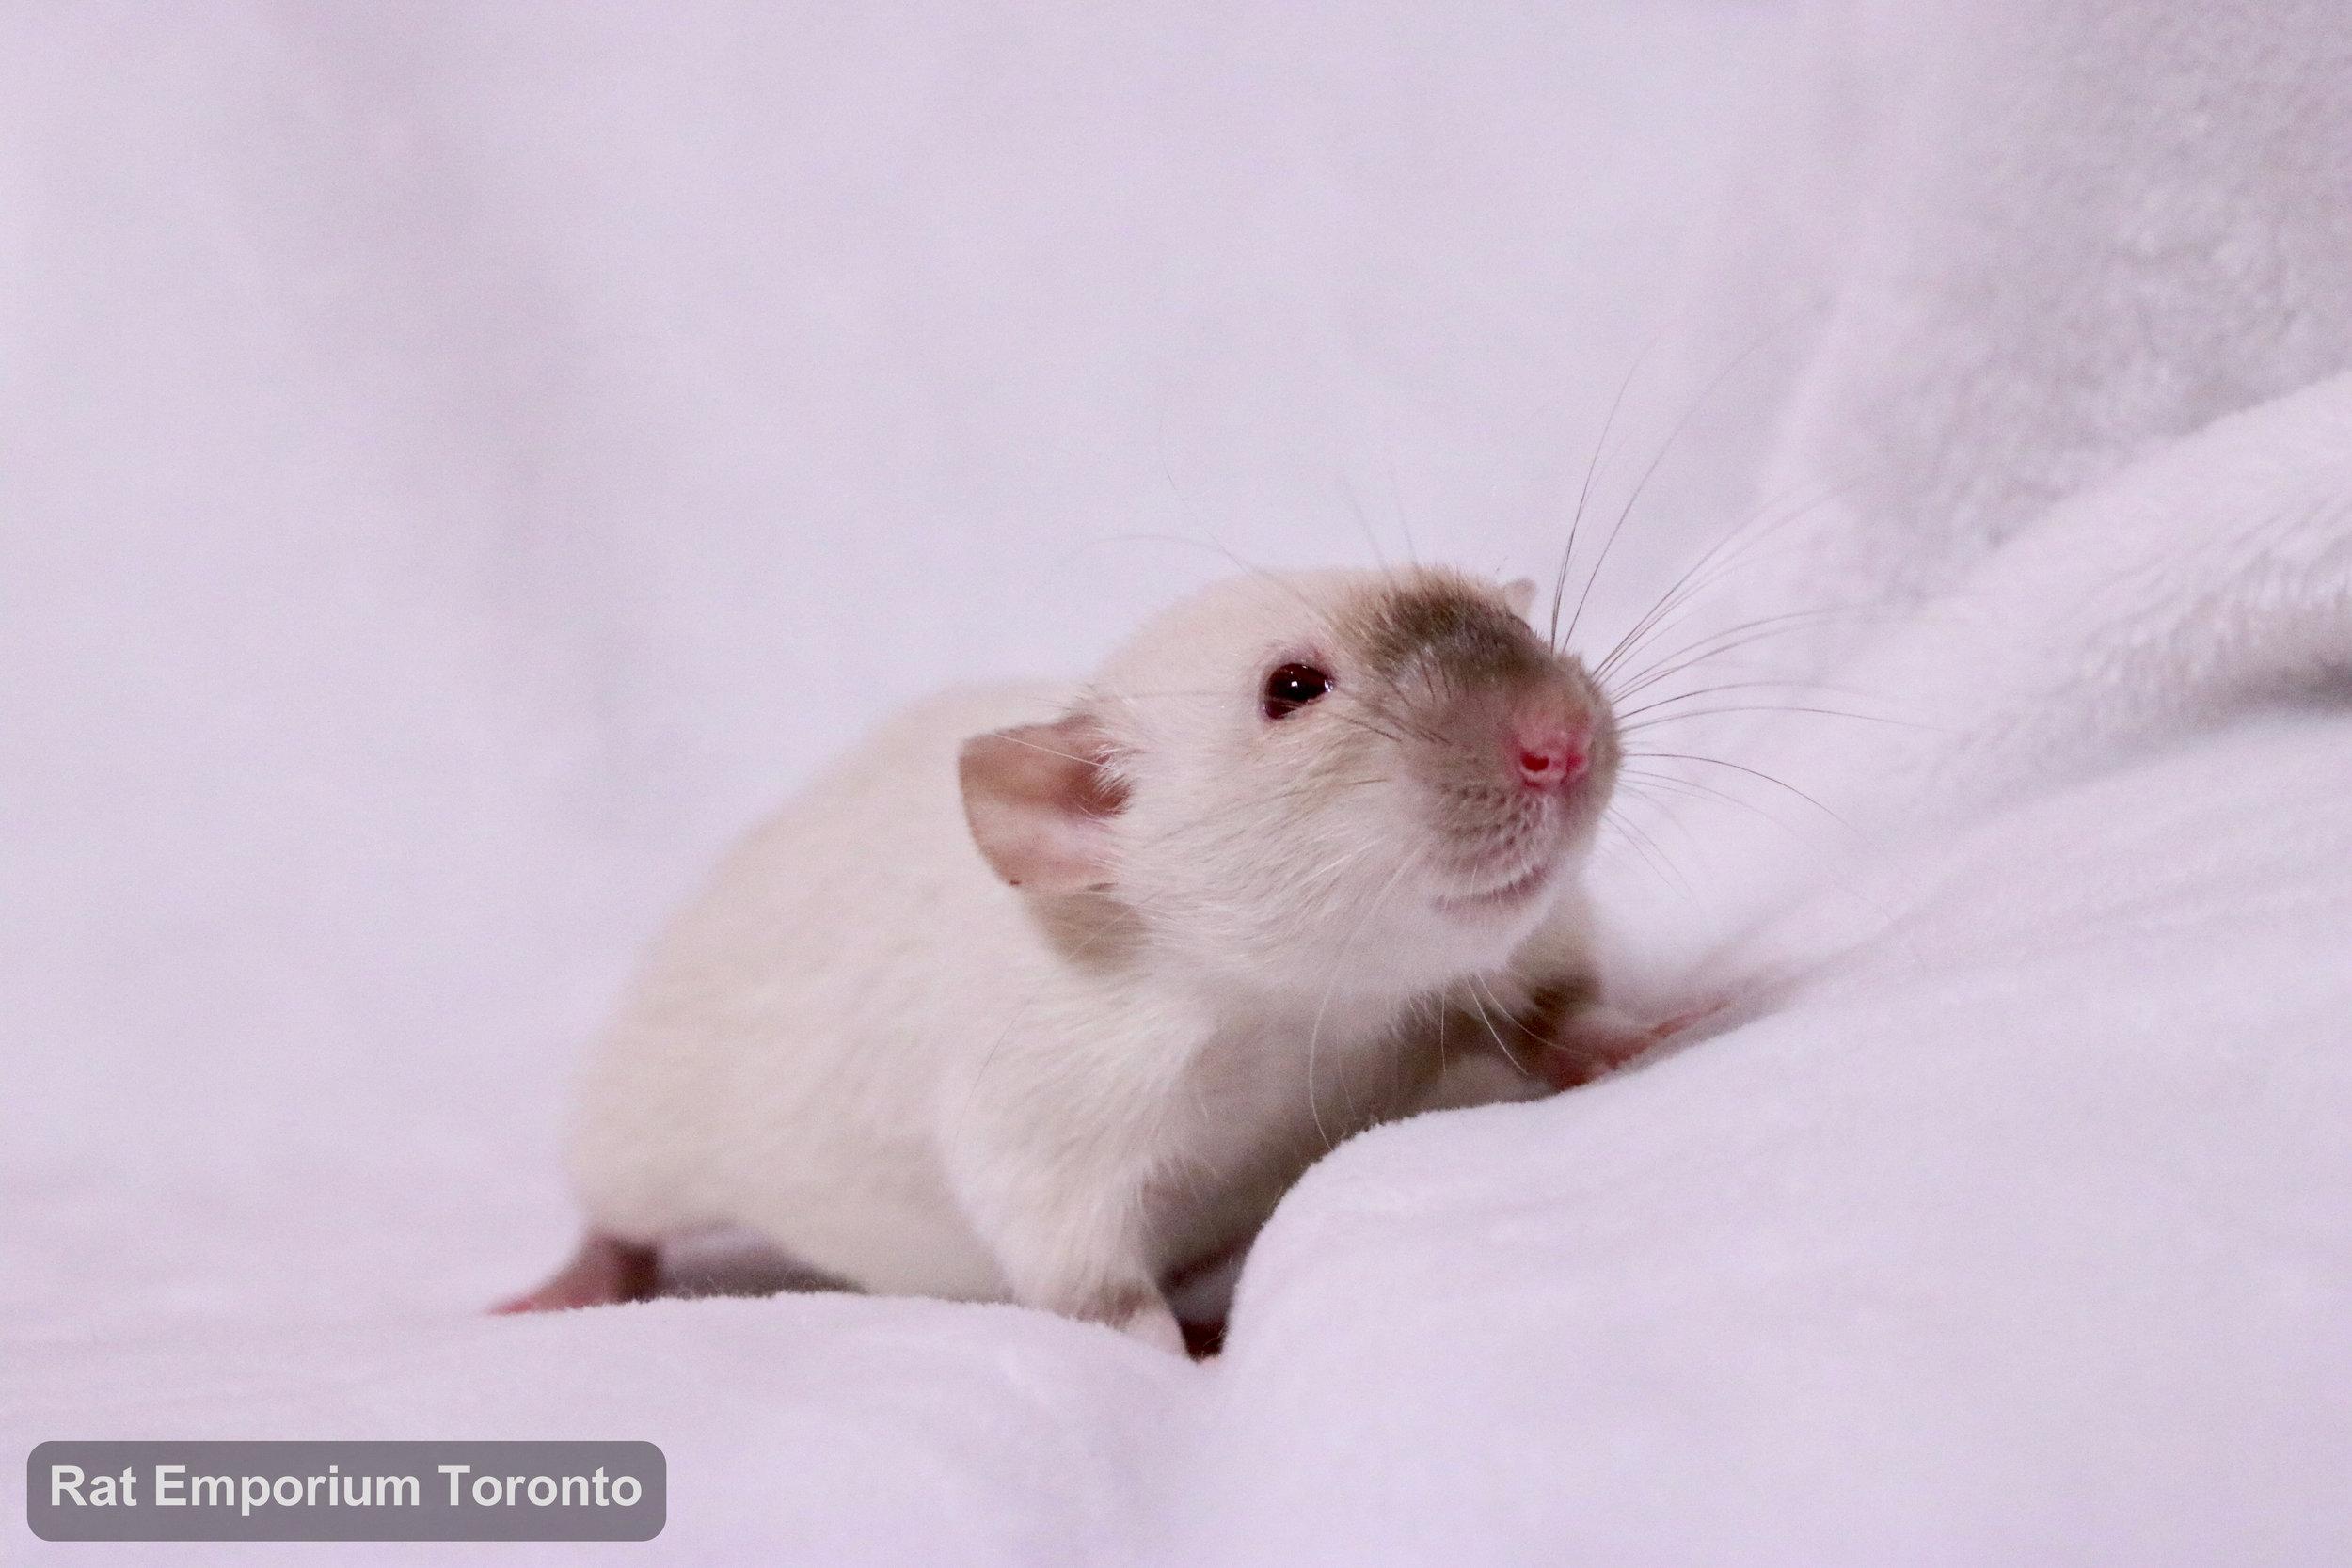 female siamese dumbo rat - born and raised at the Rat Emporium Toronto - rat breeder - adopt pet rats Toronto